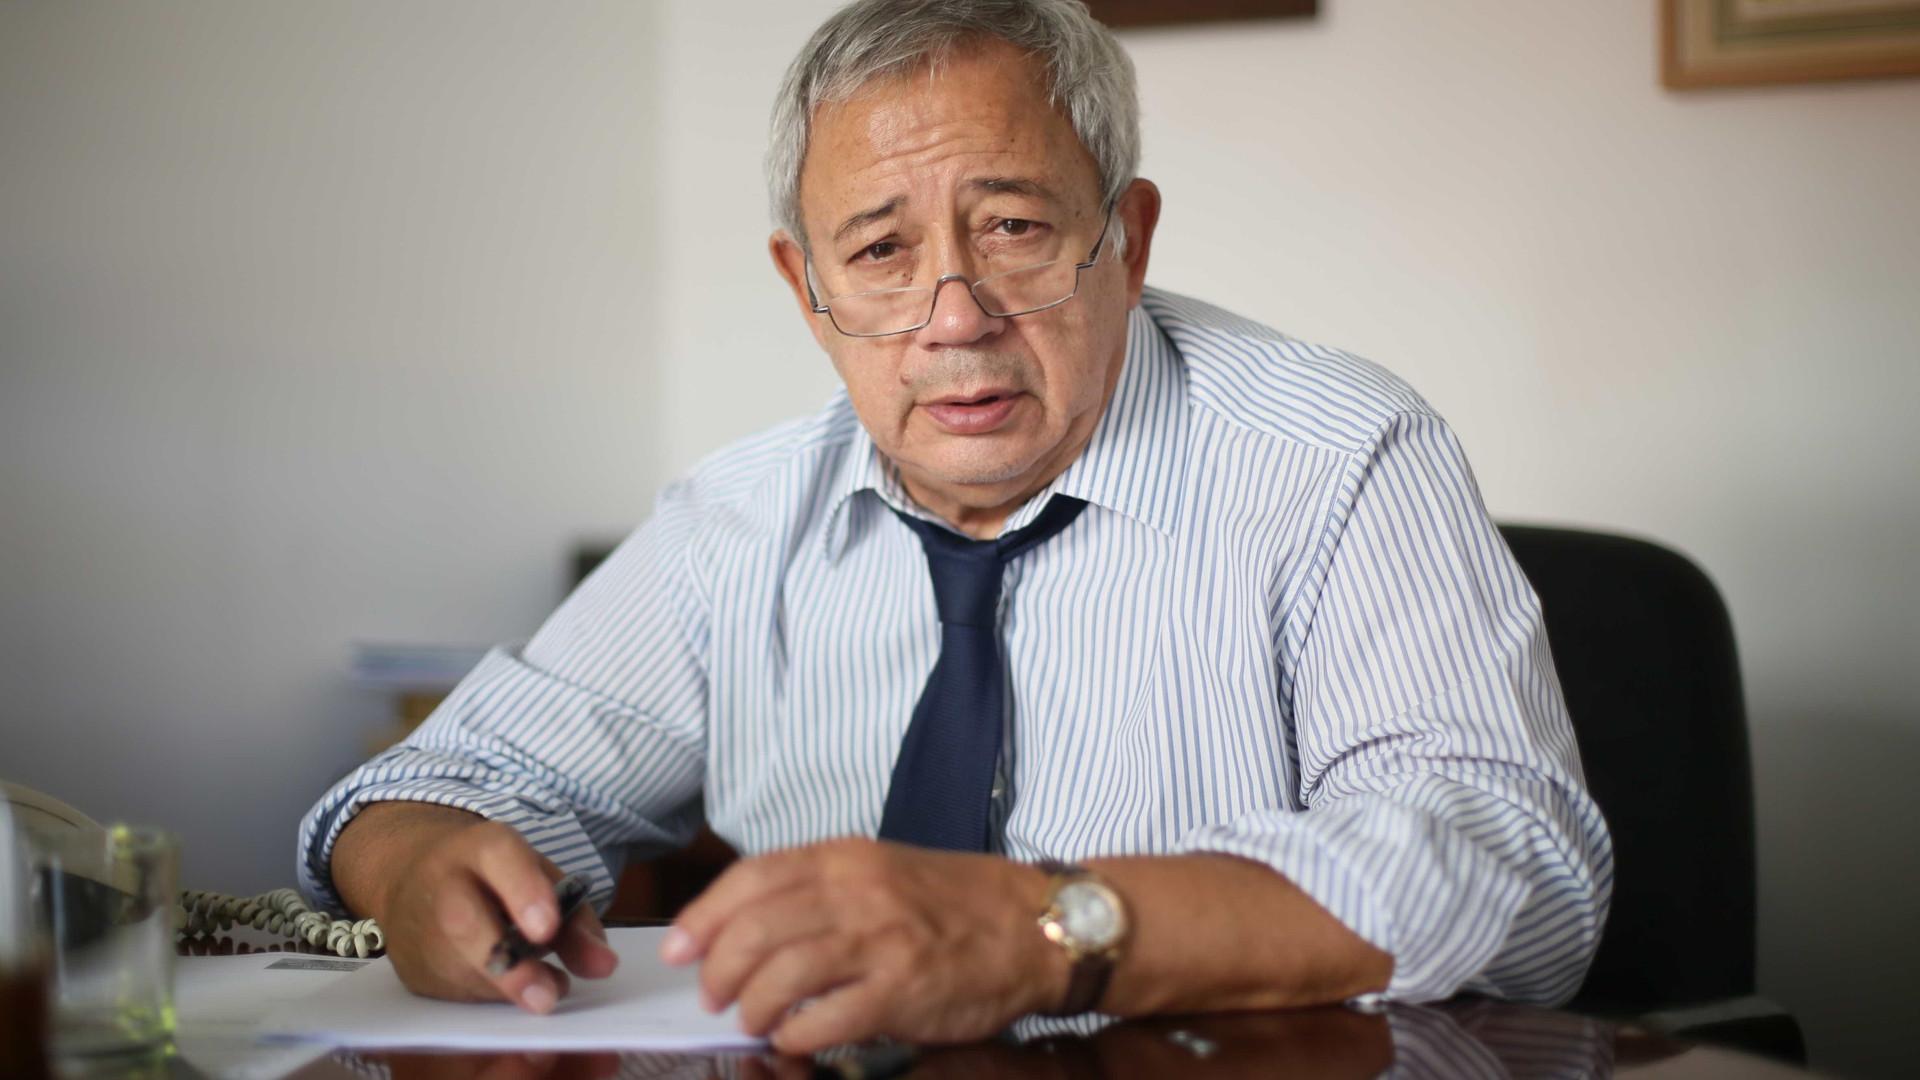 Nova Portugalidade reage à polémica com Jaime Nogueira Pinto